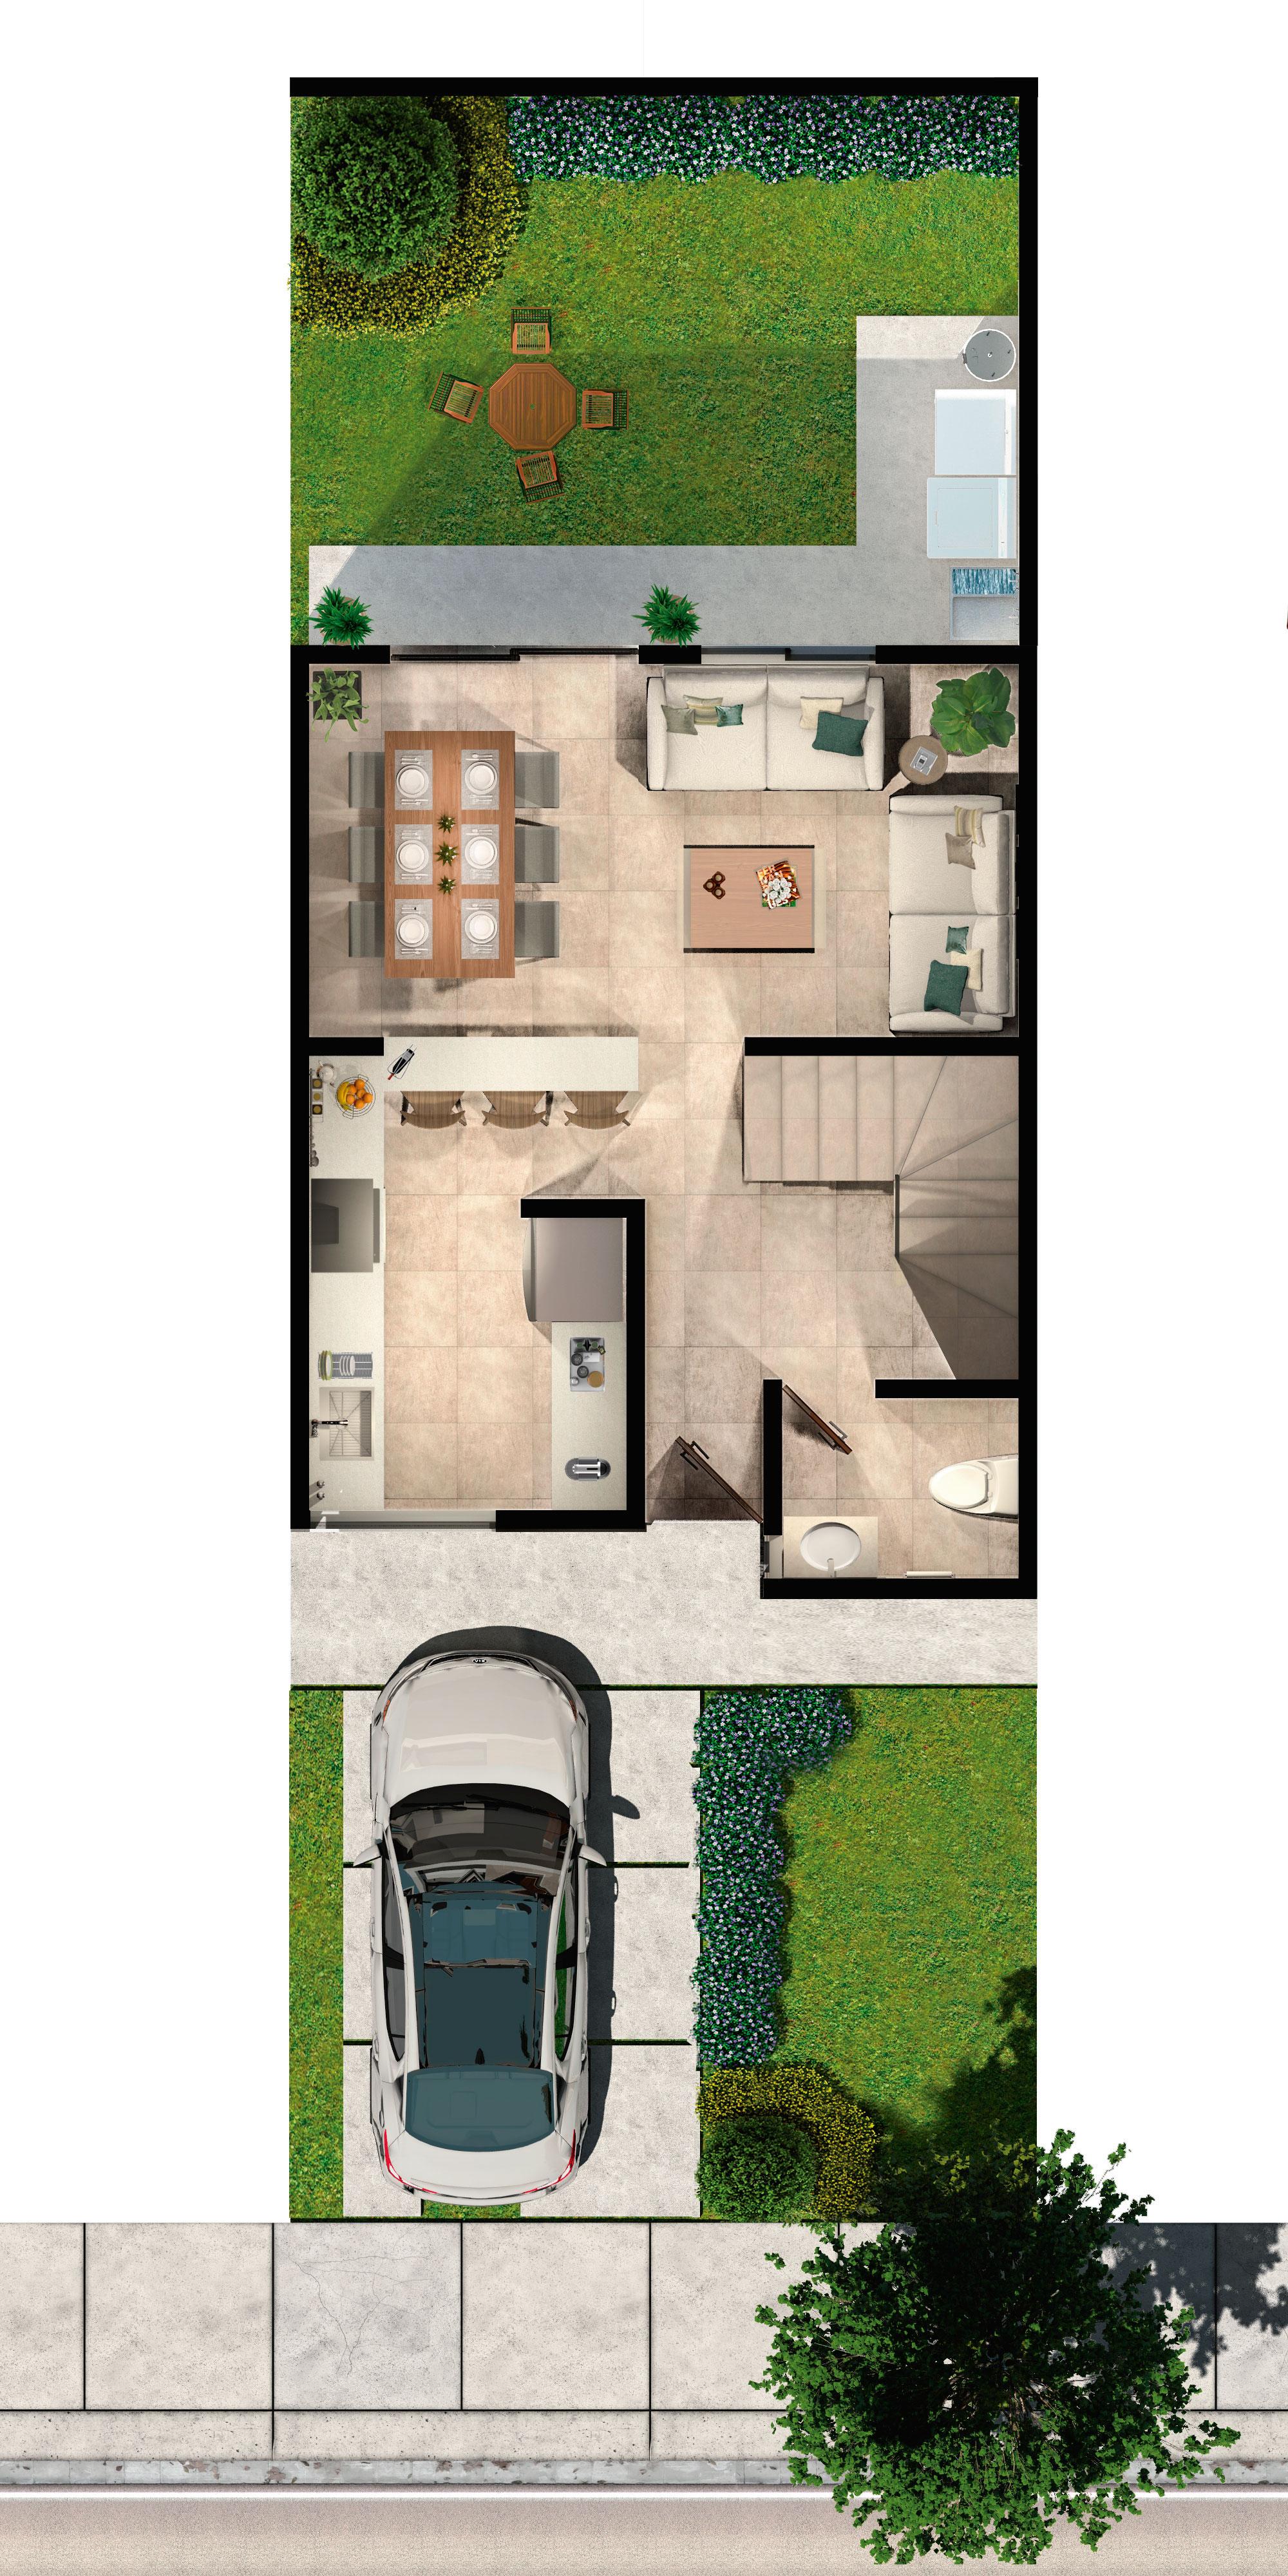 Modelos de casas de planta baja el mayorazgo residencial - Modelos de casas de planta baja ...